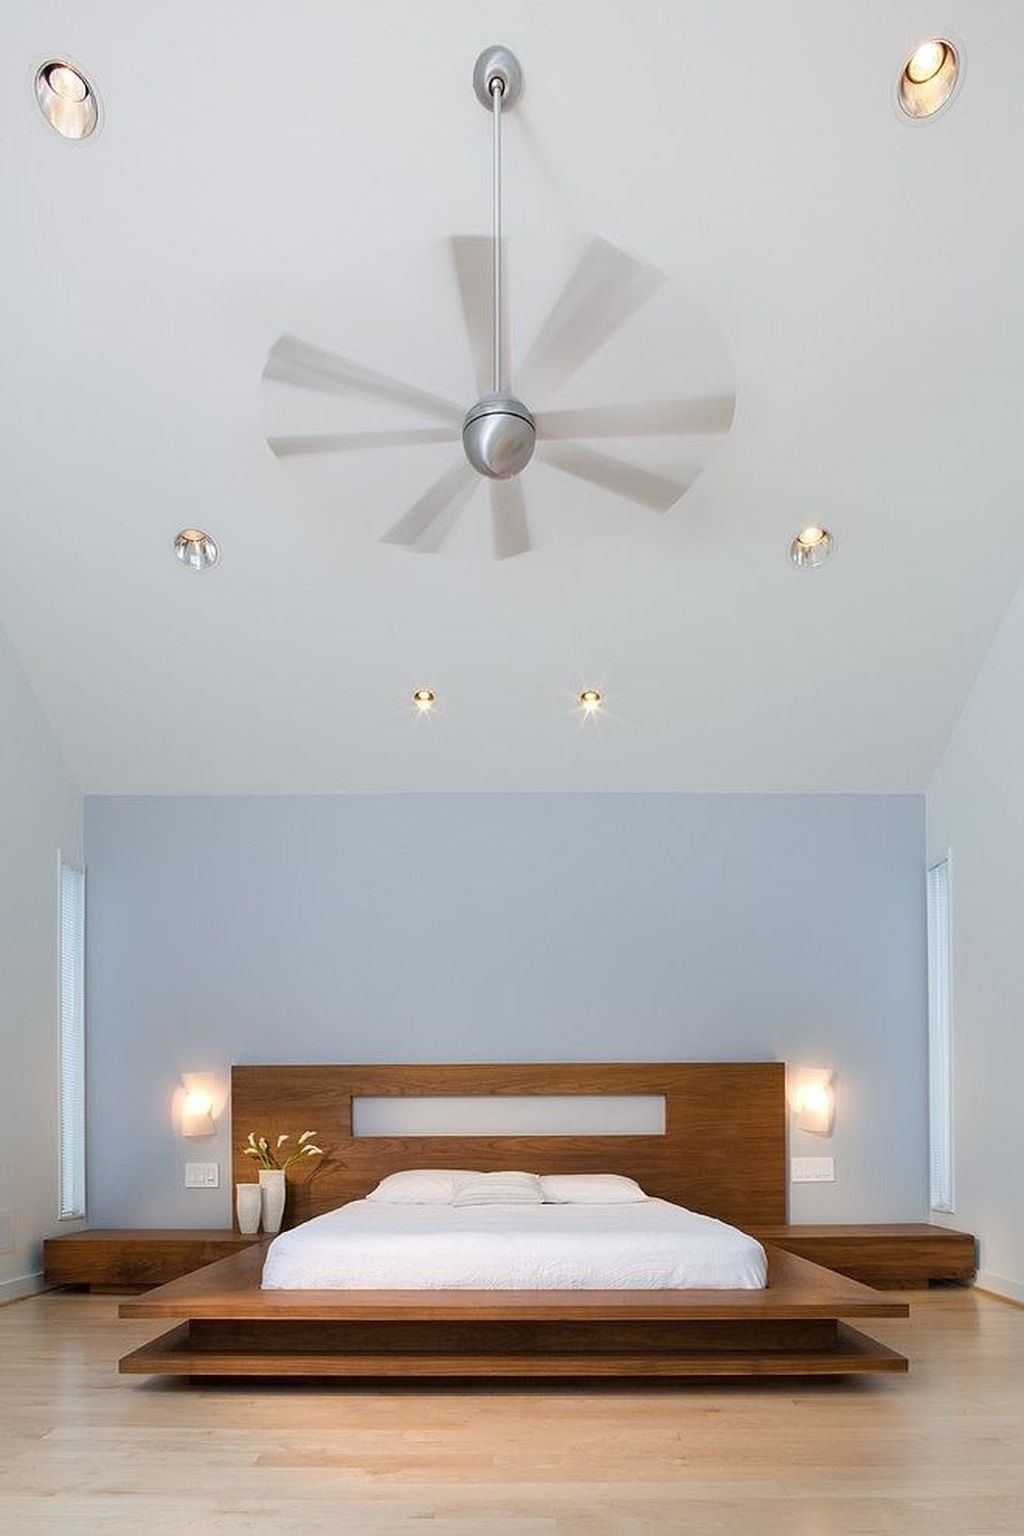 Lovely Diy Wooden Platform Bed Design Ideas 51